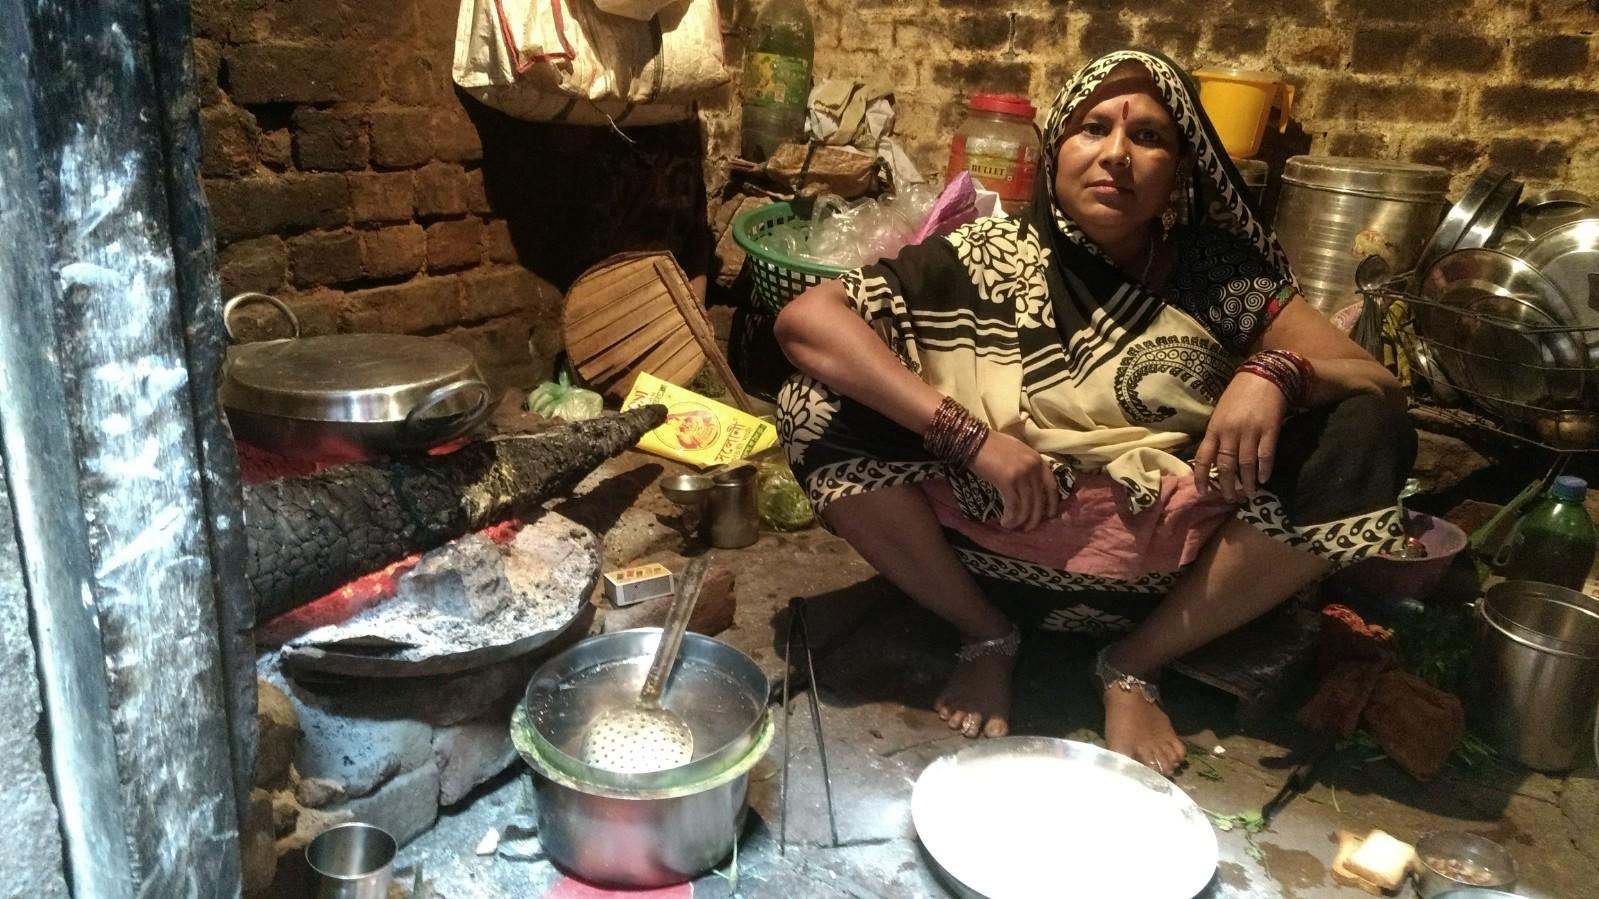 Sandhika Devi in her kitchen in the Dom basti, Varanasi. Credit: Titash Sen